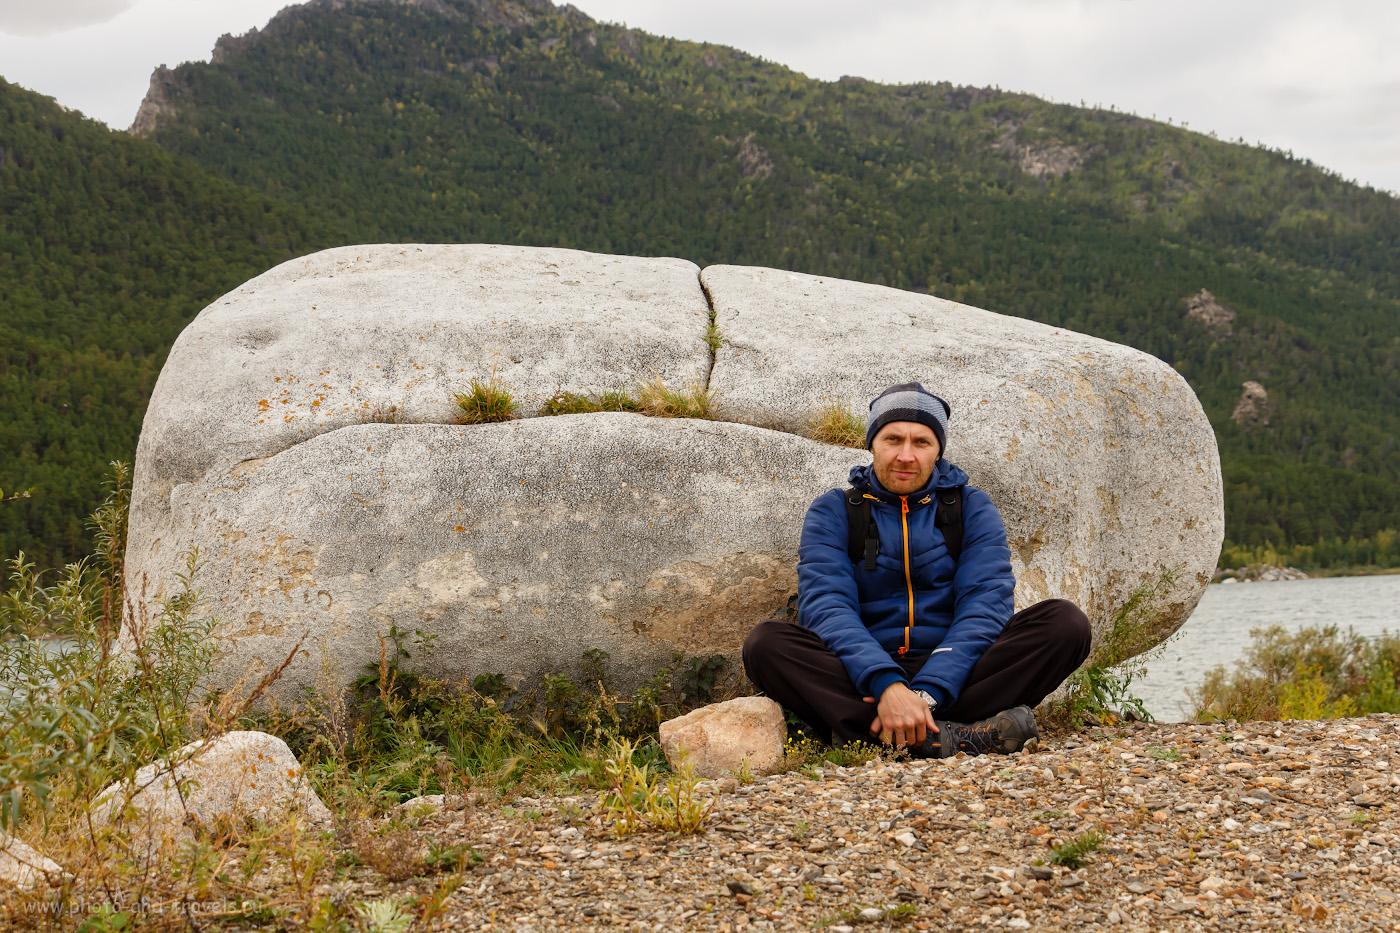 Фото 14. Прогулка на озере Большое Чебачье. Достопримечательности Бурабая – одного из самых известных мест для отдыха в Казахстане. 1/250, +0.3, 6.3, 200, 42.